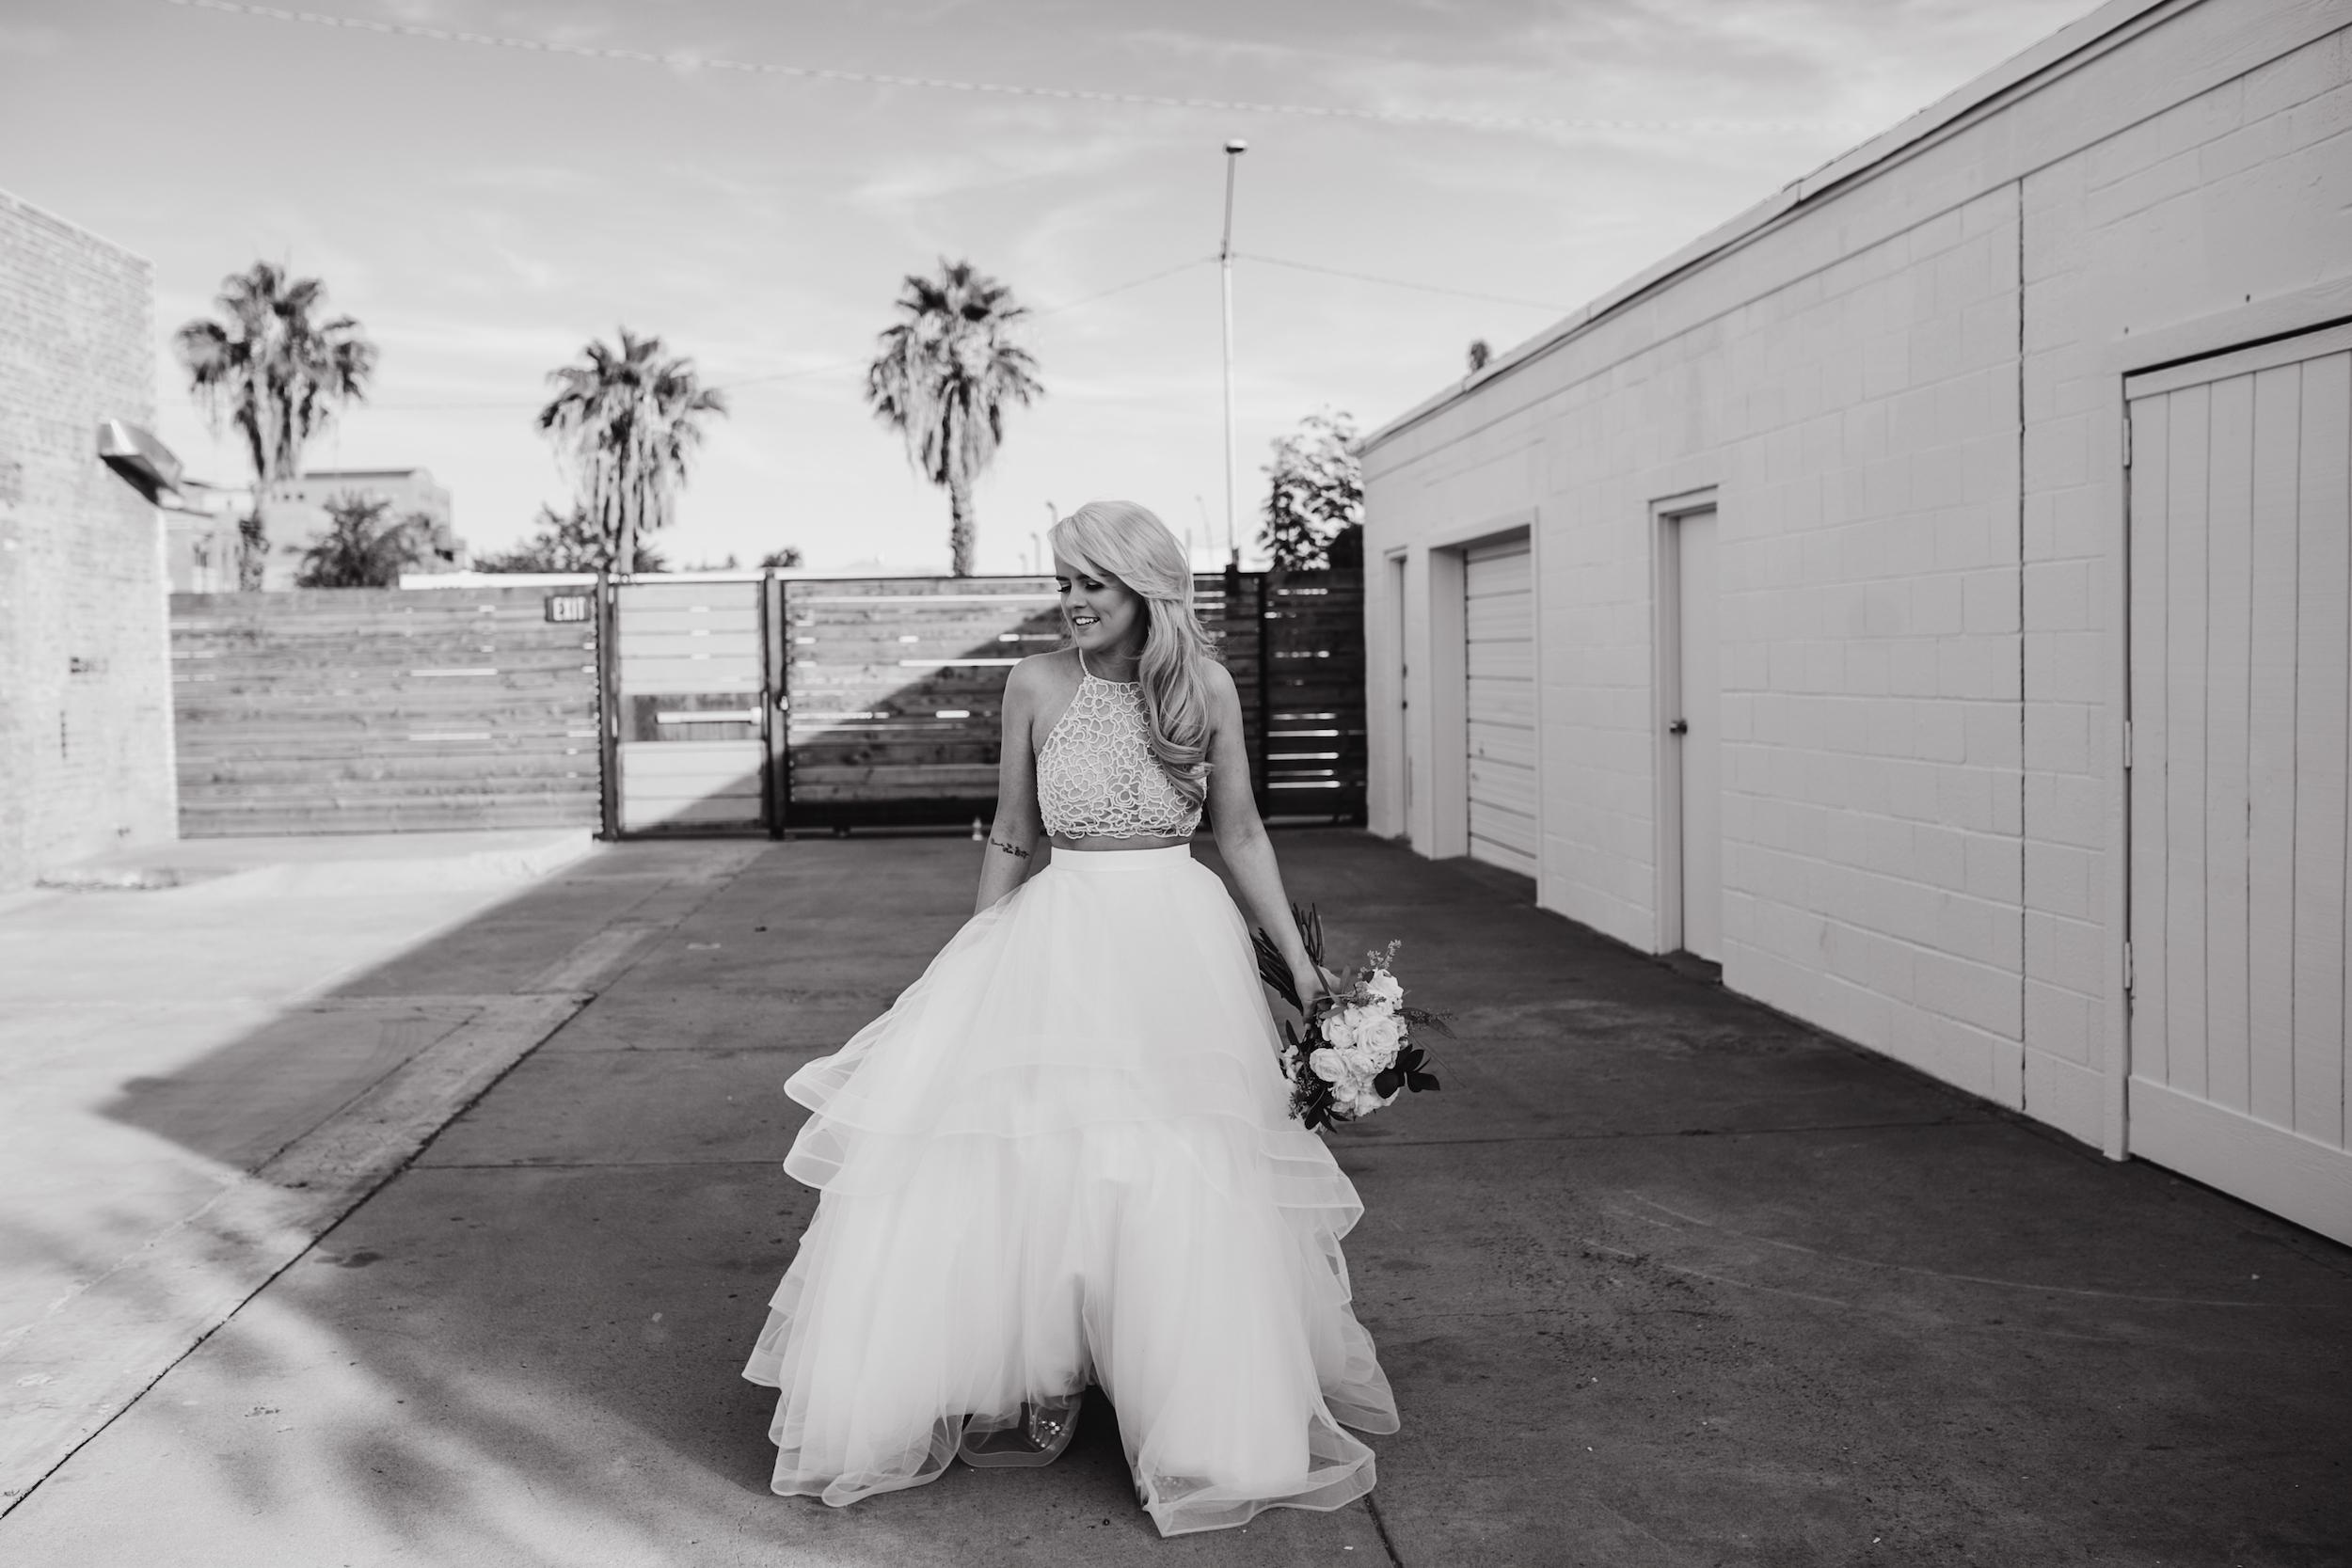 arizona - wedding - photography 01388.jpg